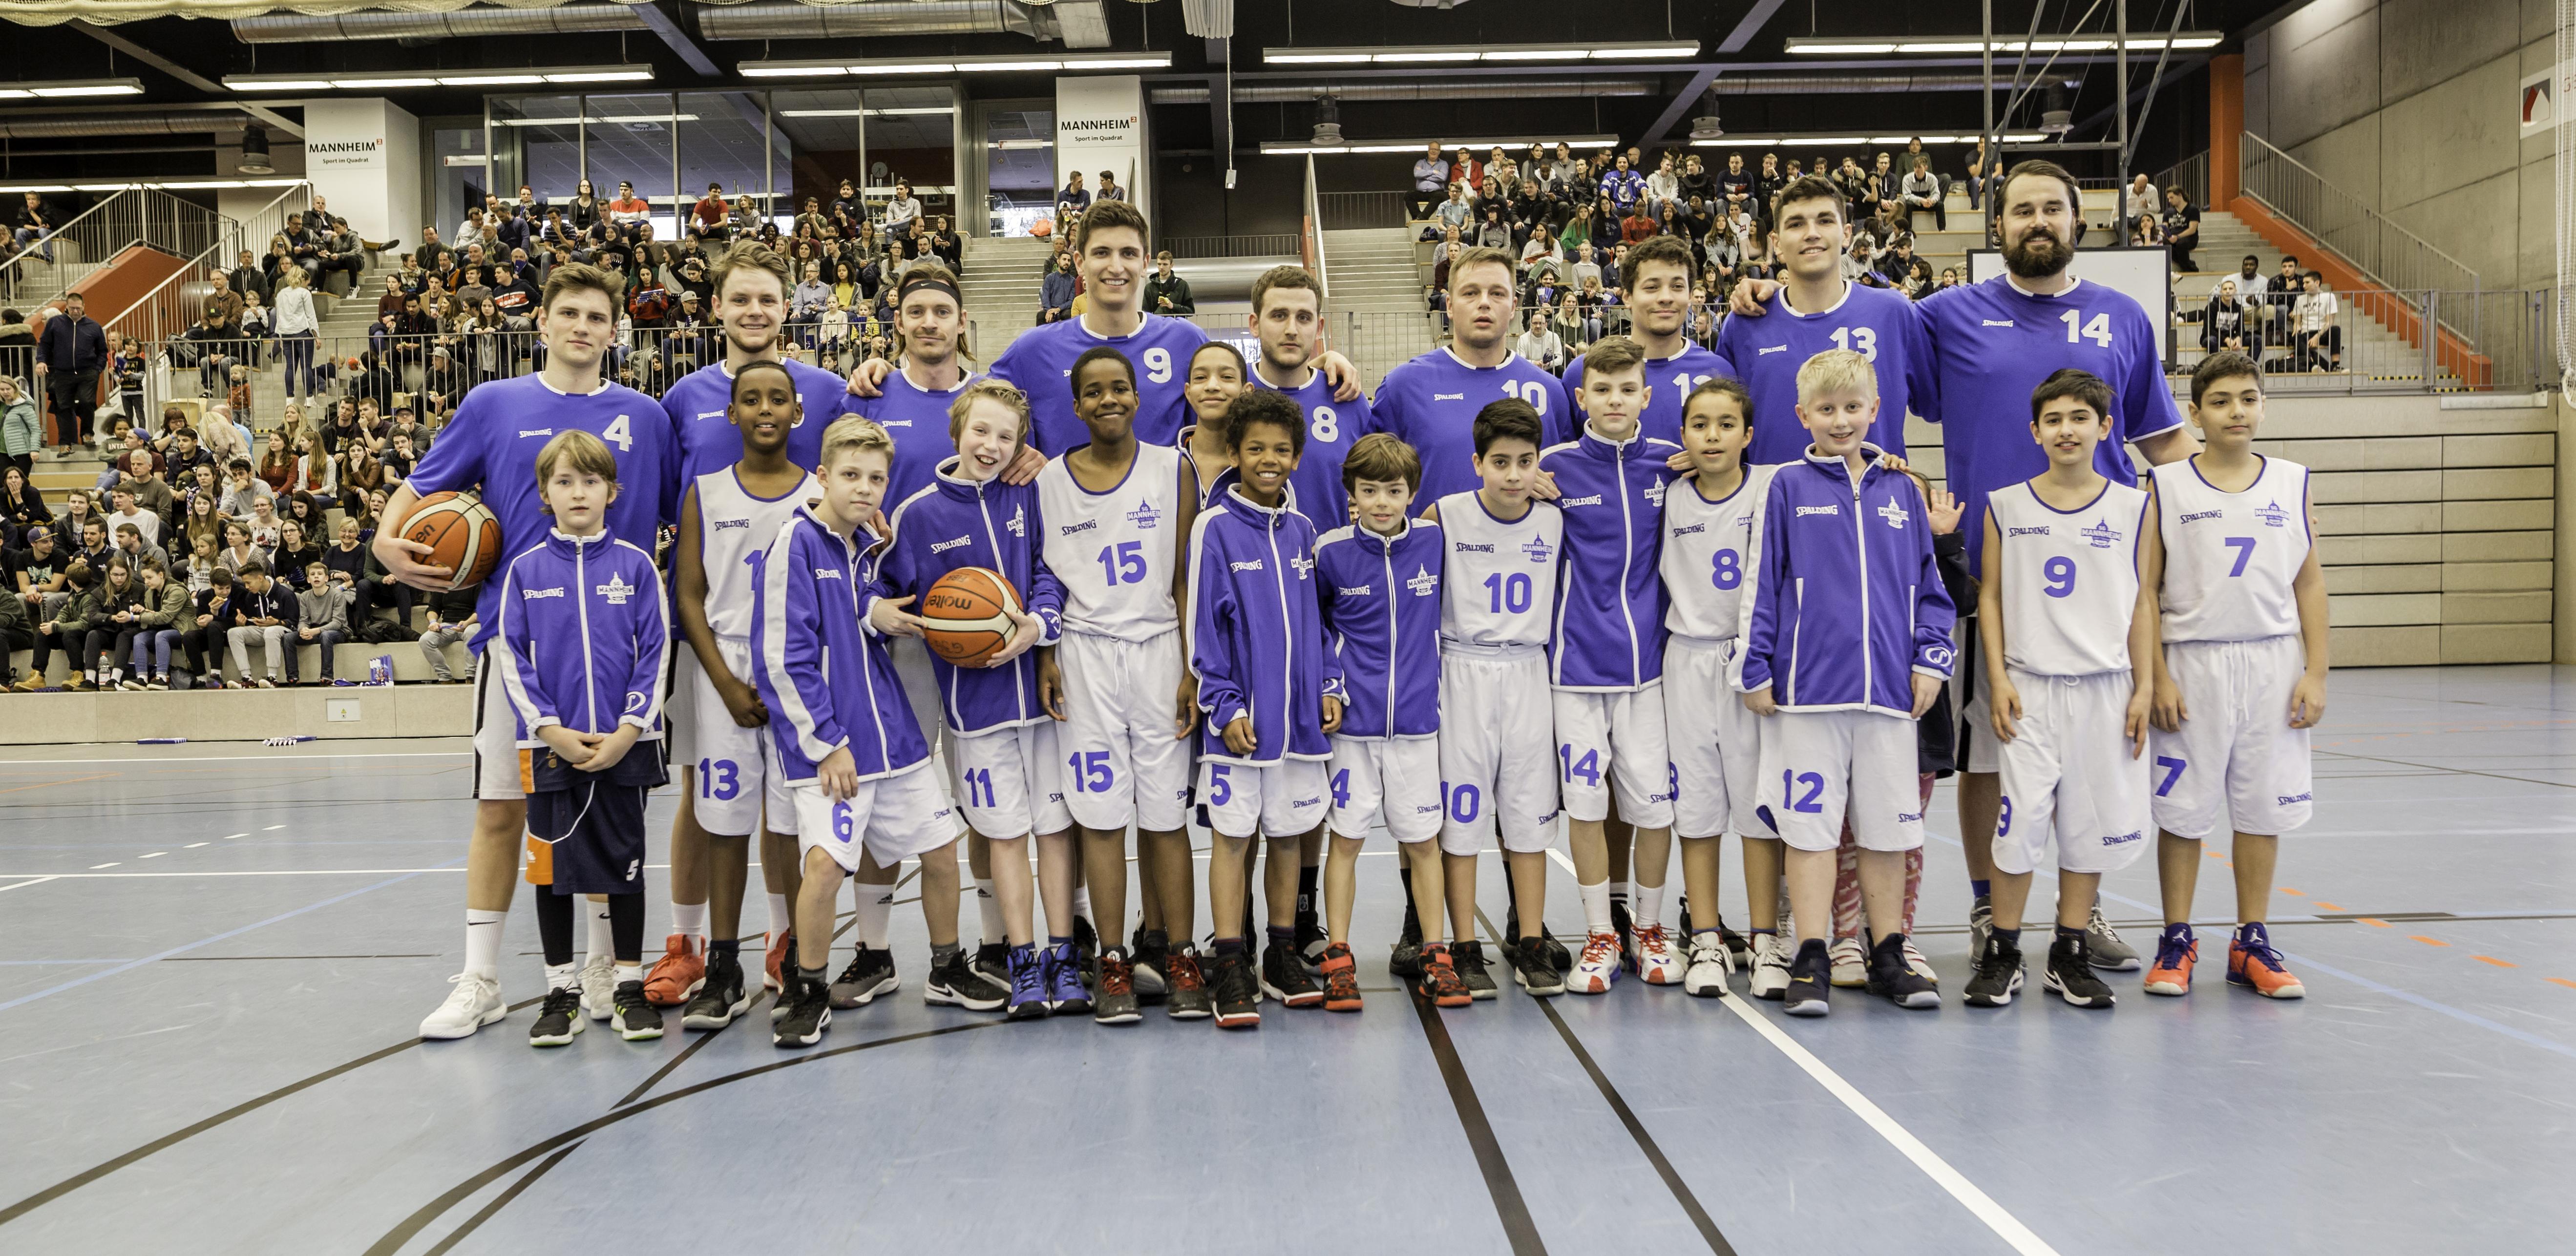 8dff7a605586de So konnten viele Kids und Jugendliche nur eine verkürzte Zeit vor dem  Regionalligaspiel unter Anleitung von den Mannheimer Jugendtrainern Jan